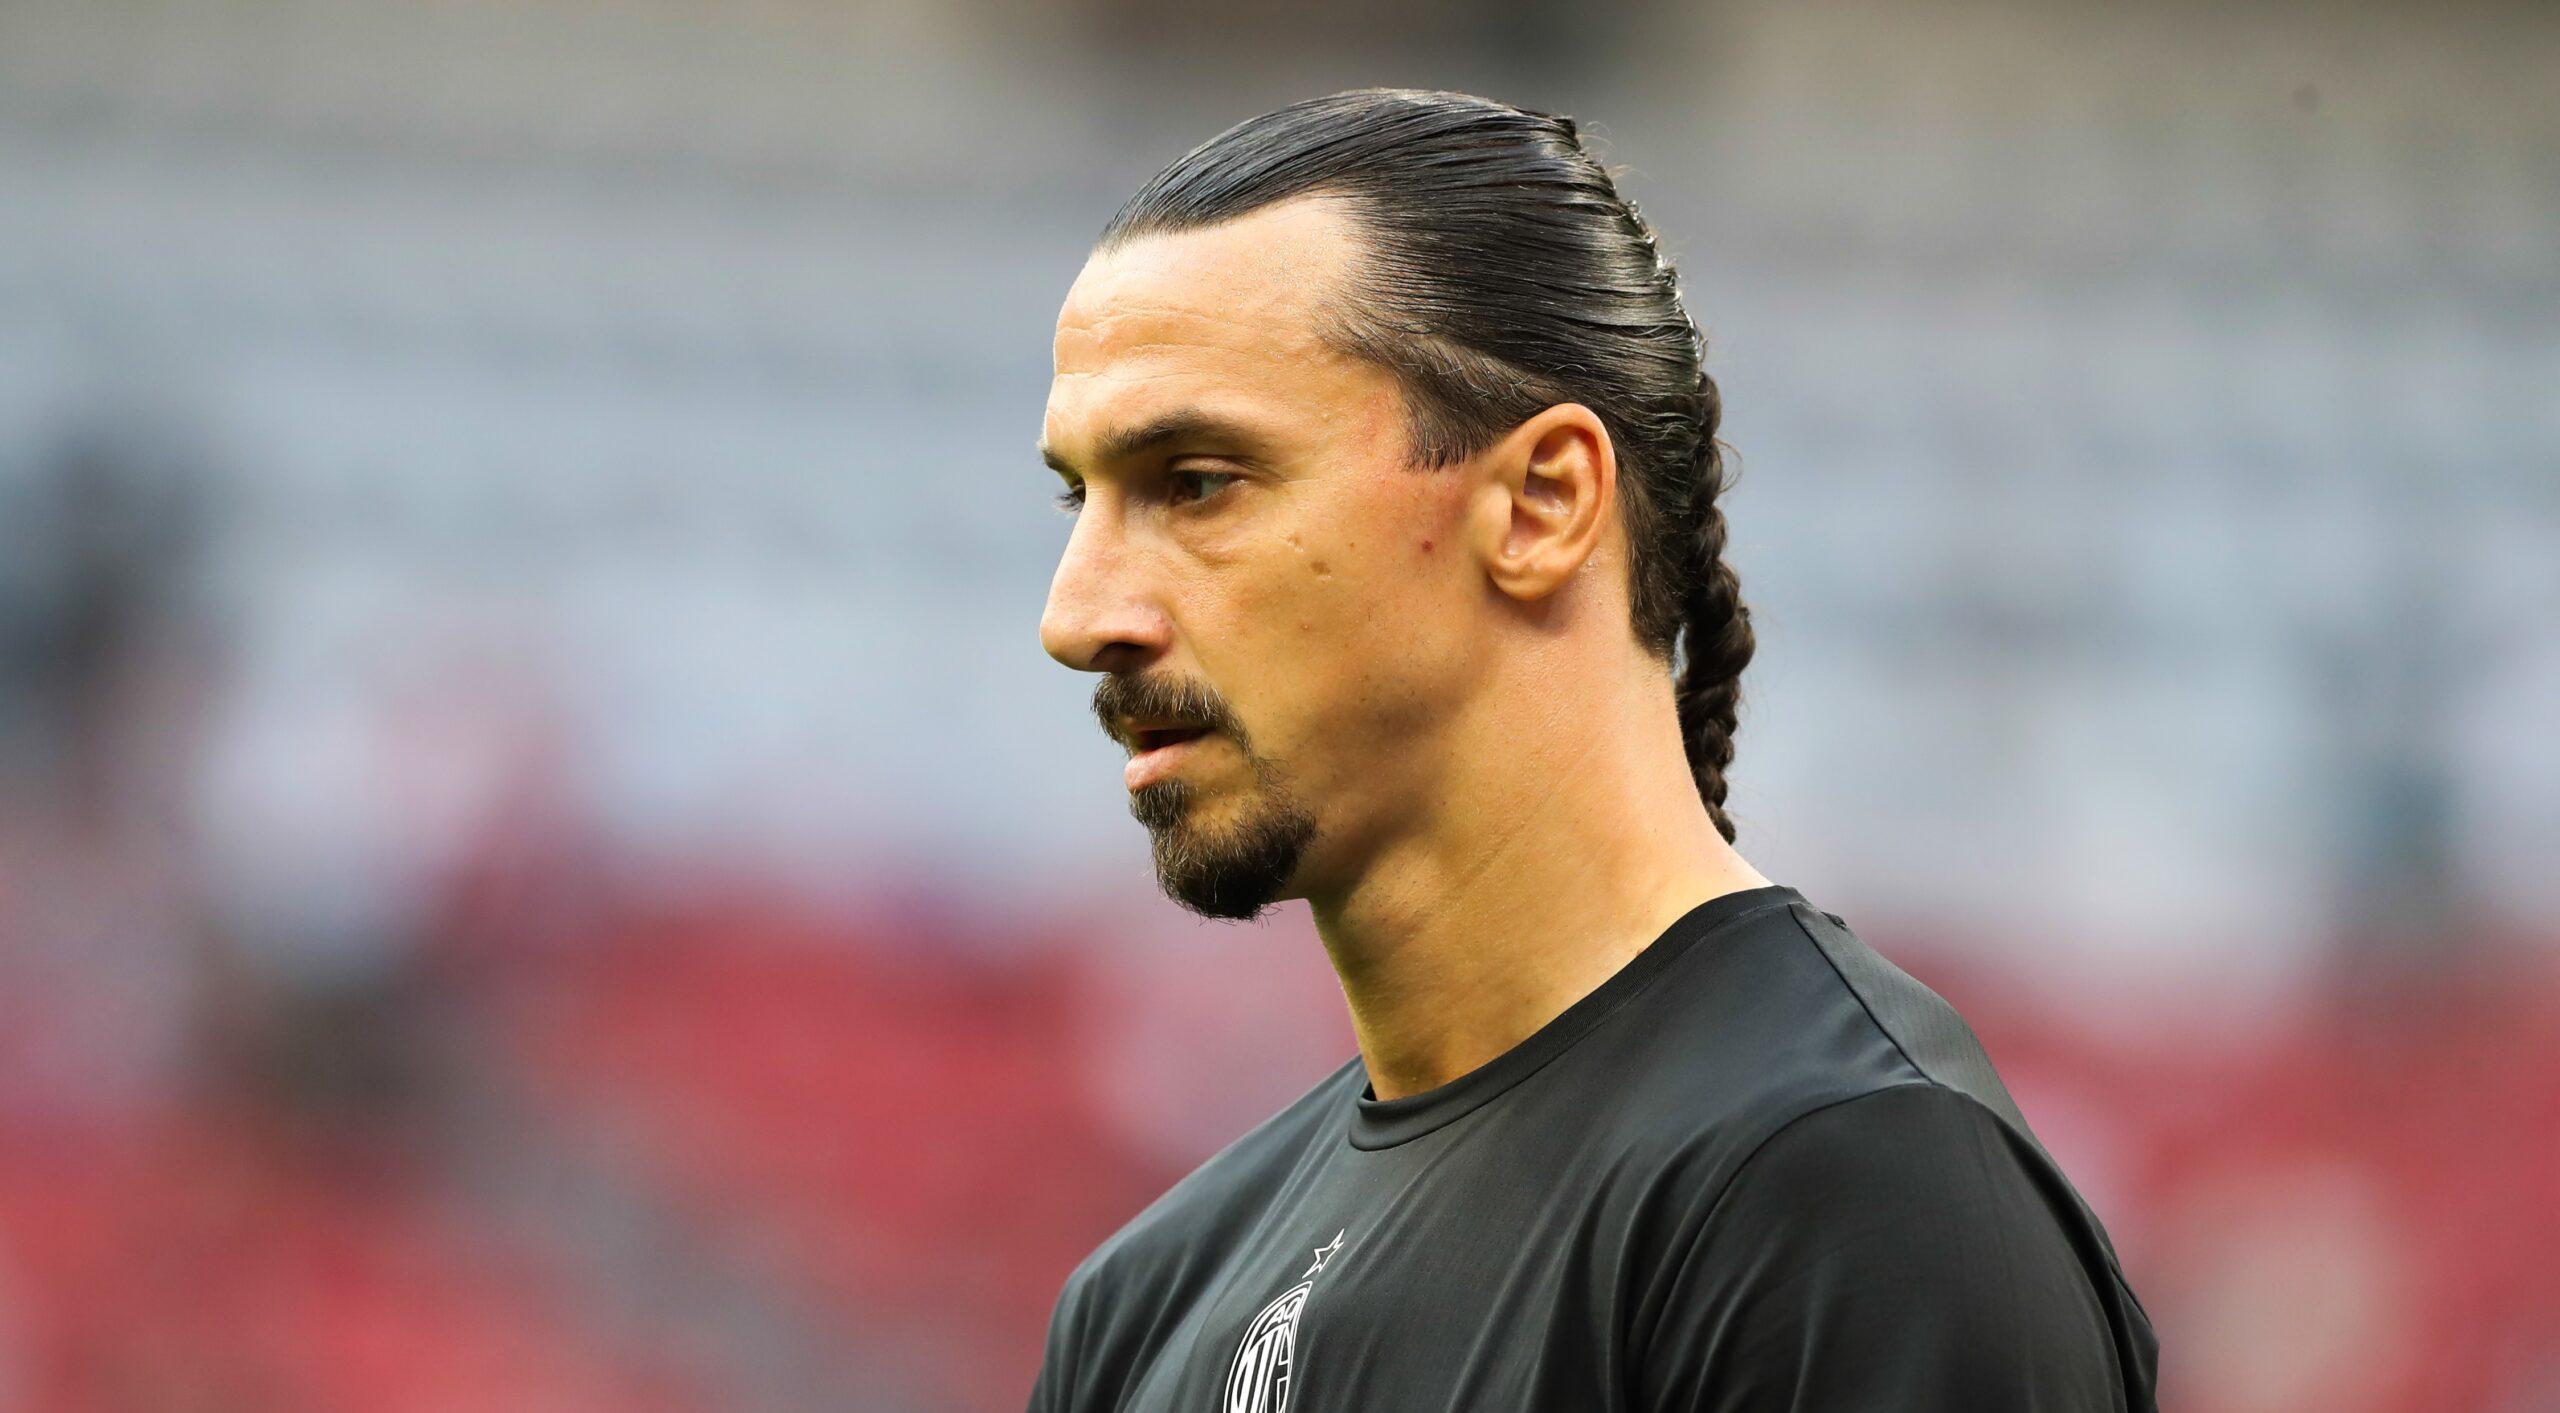 Zlatan ne veut pas prendre de risque avec sa blessure et sera donc absent contre la Juve (iconsport)